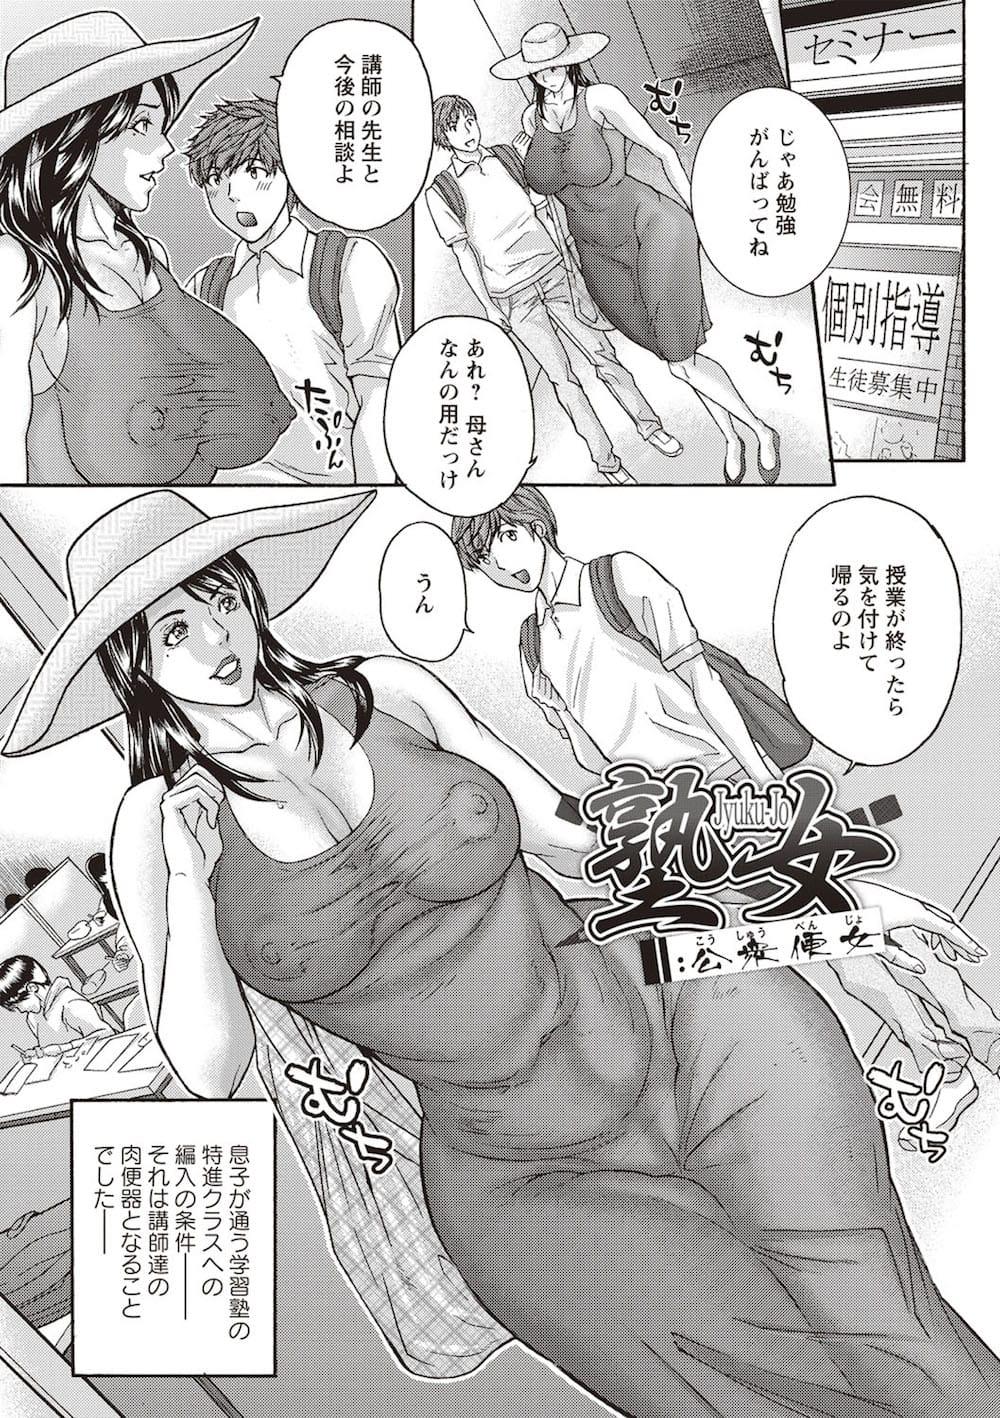 【エロ漫画】特進クラス専用公衆便女として壁穴に固定されチンポに囲まれ下品に精液と小便を欲しがる変態熟女!